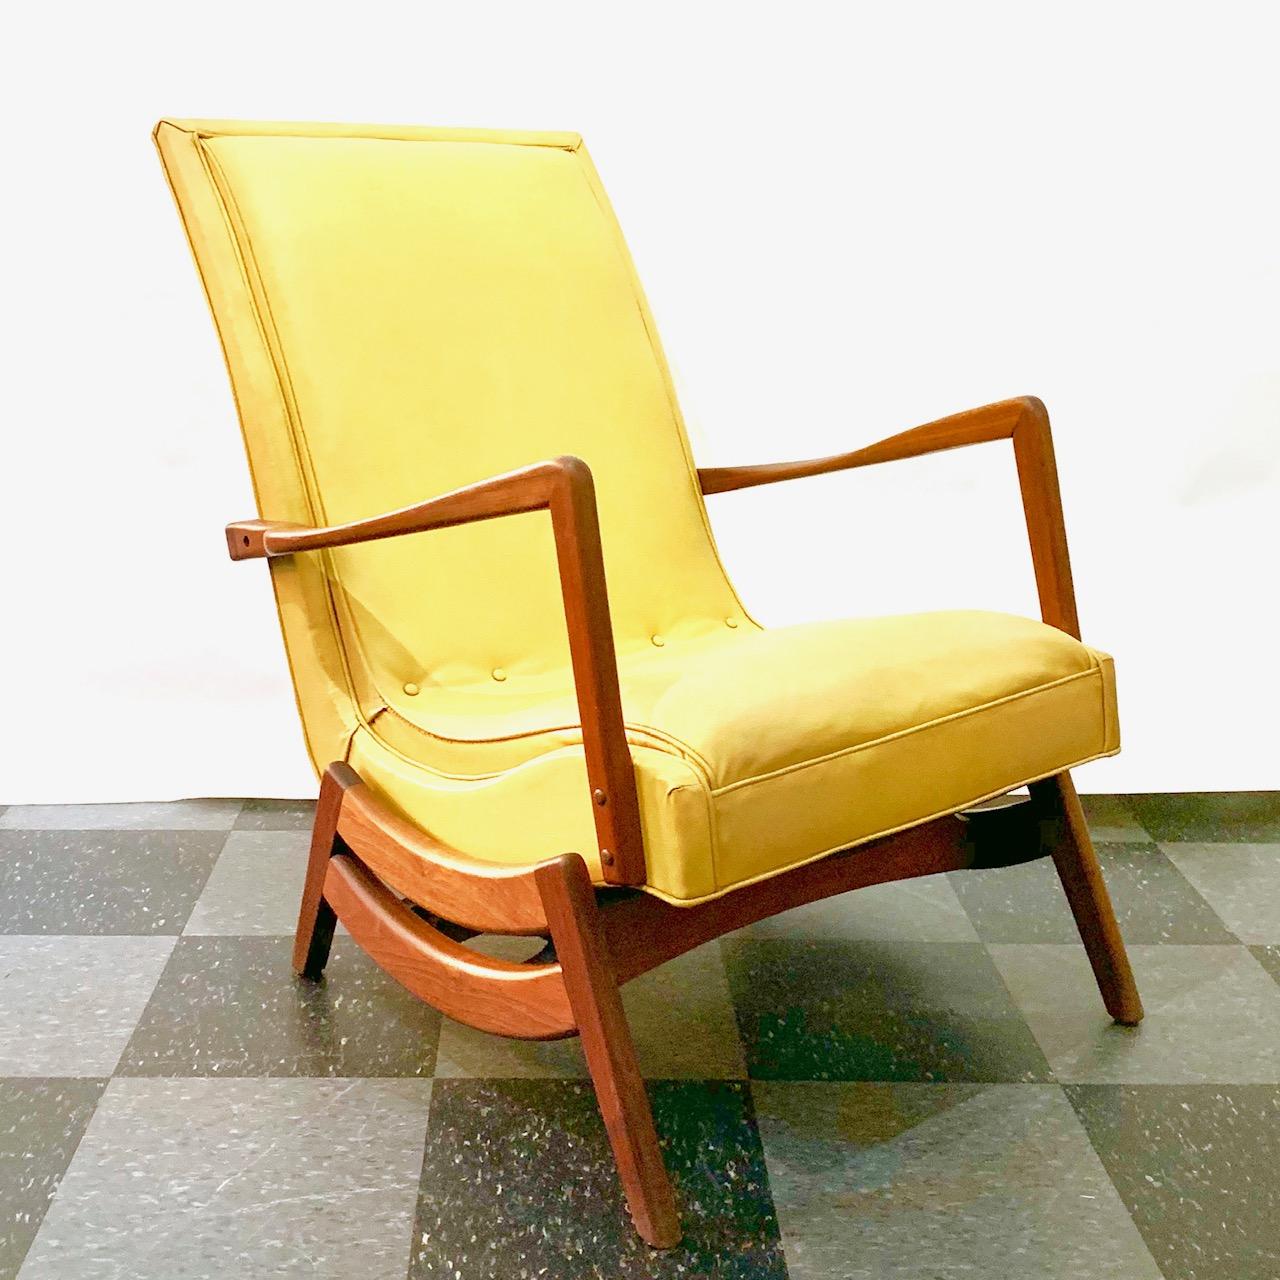 Vintage teak frame rocking chair, gold vinyl upholstery, SOLD